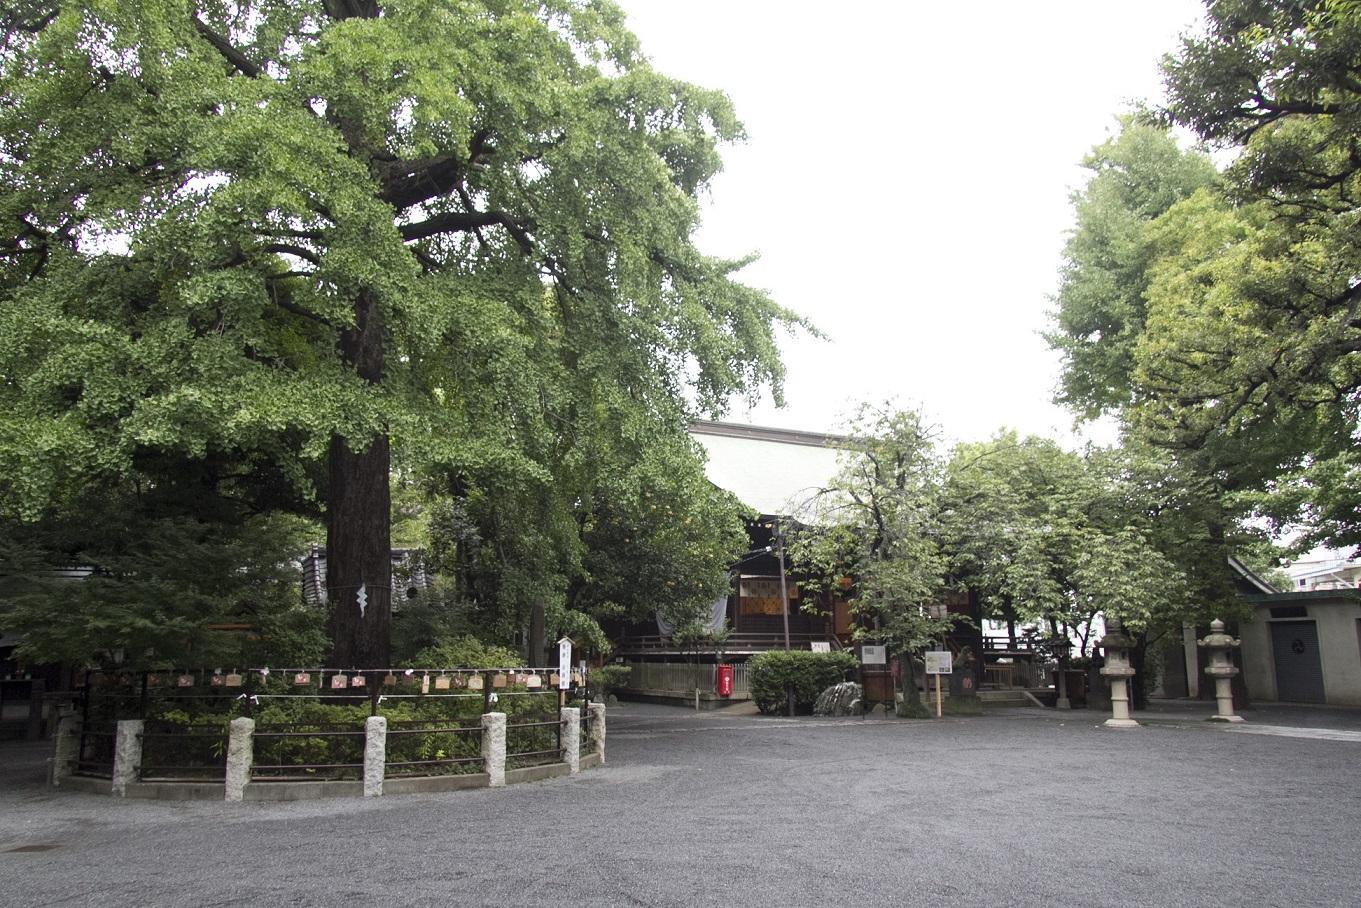 七社神社での挙式案内 | 神社結婚式プロデュース 京鐘